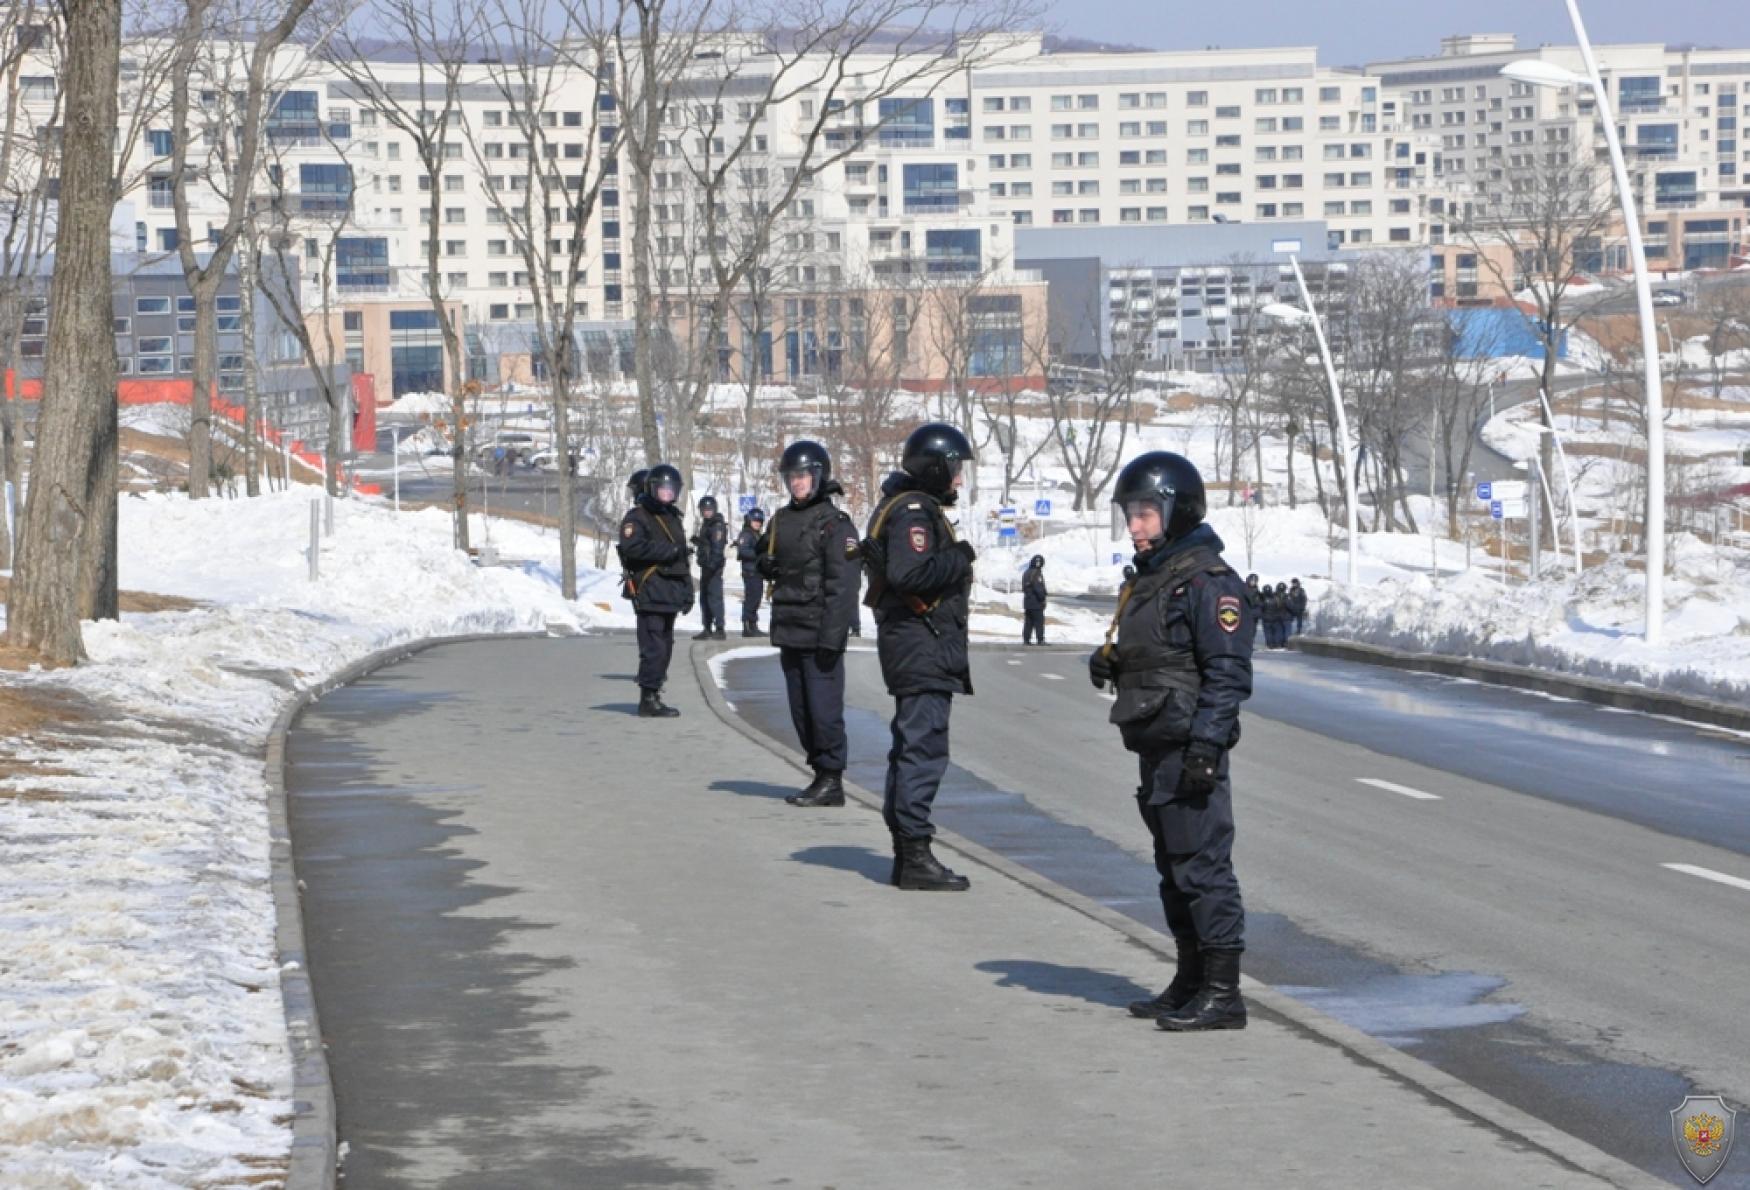 Группа оцепления в районе кампуса ДВФУ